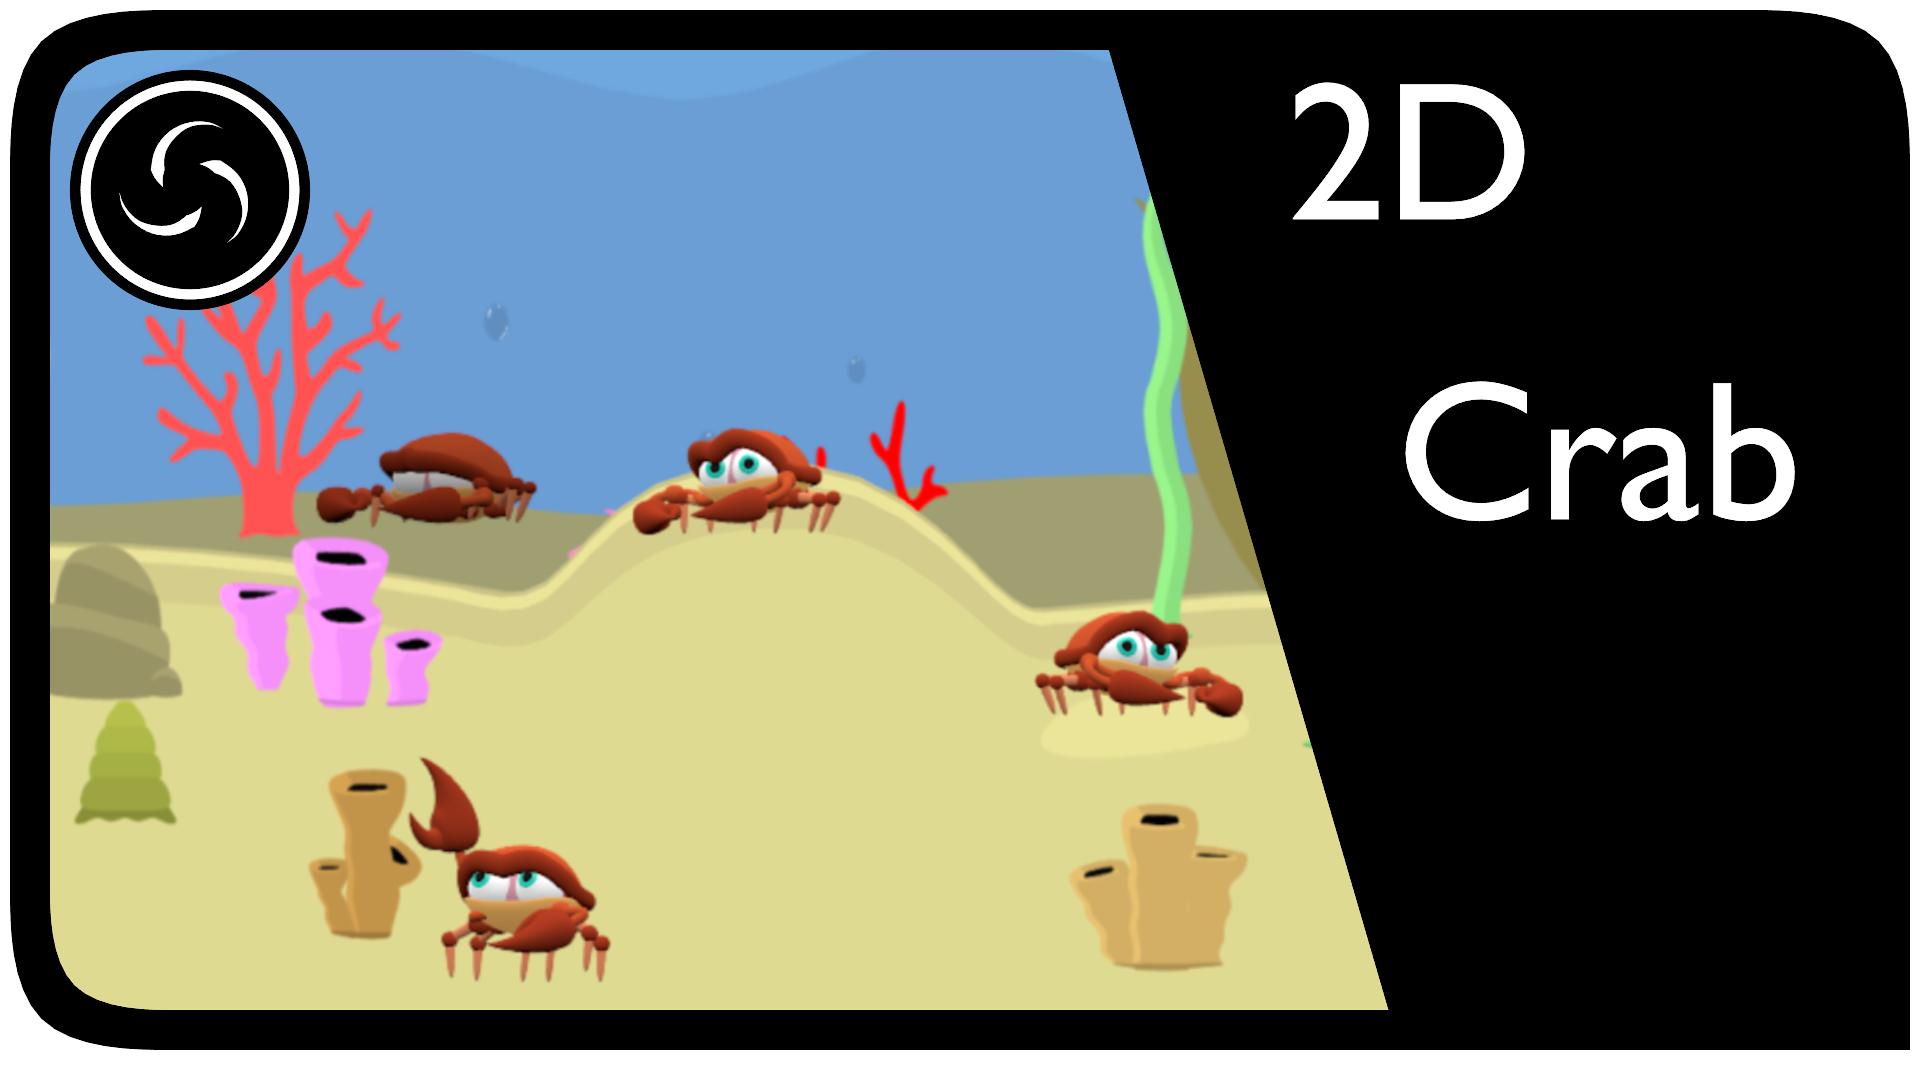 2D Crab